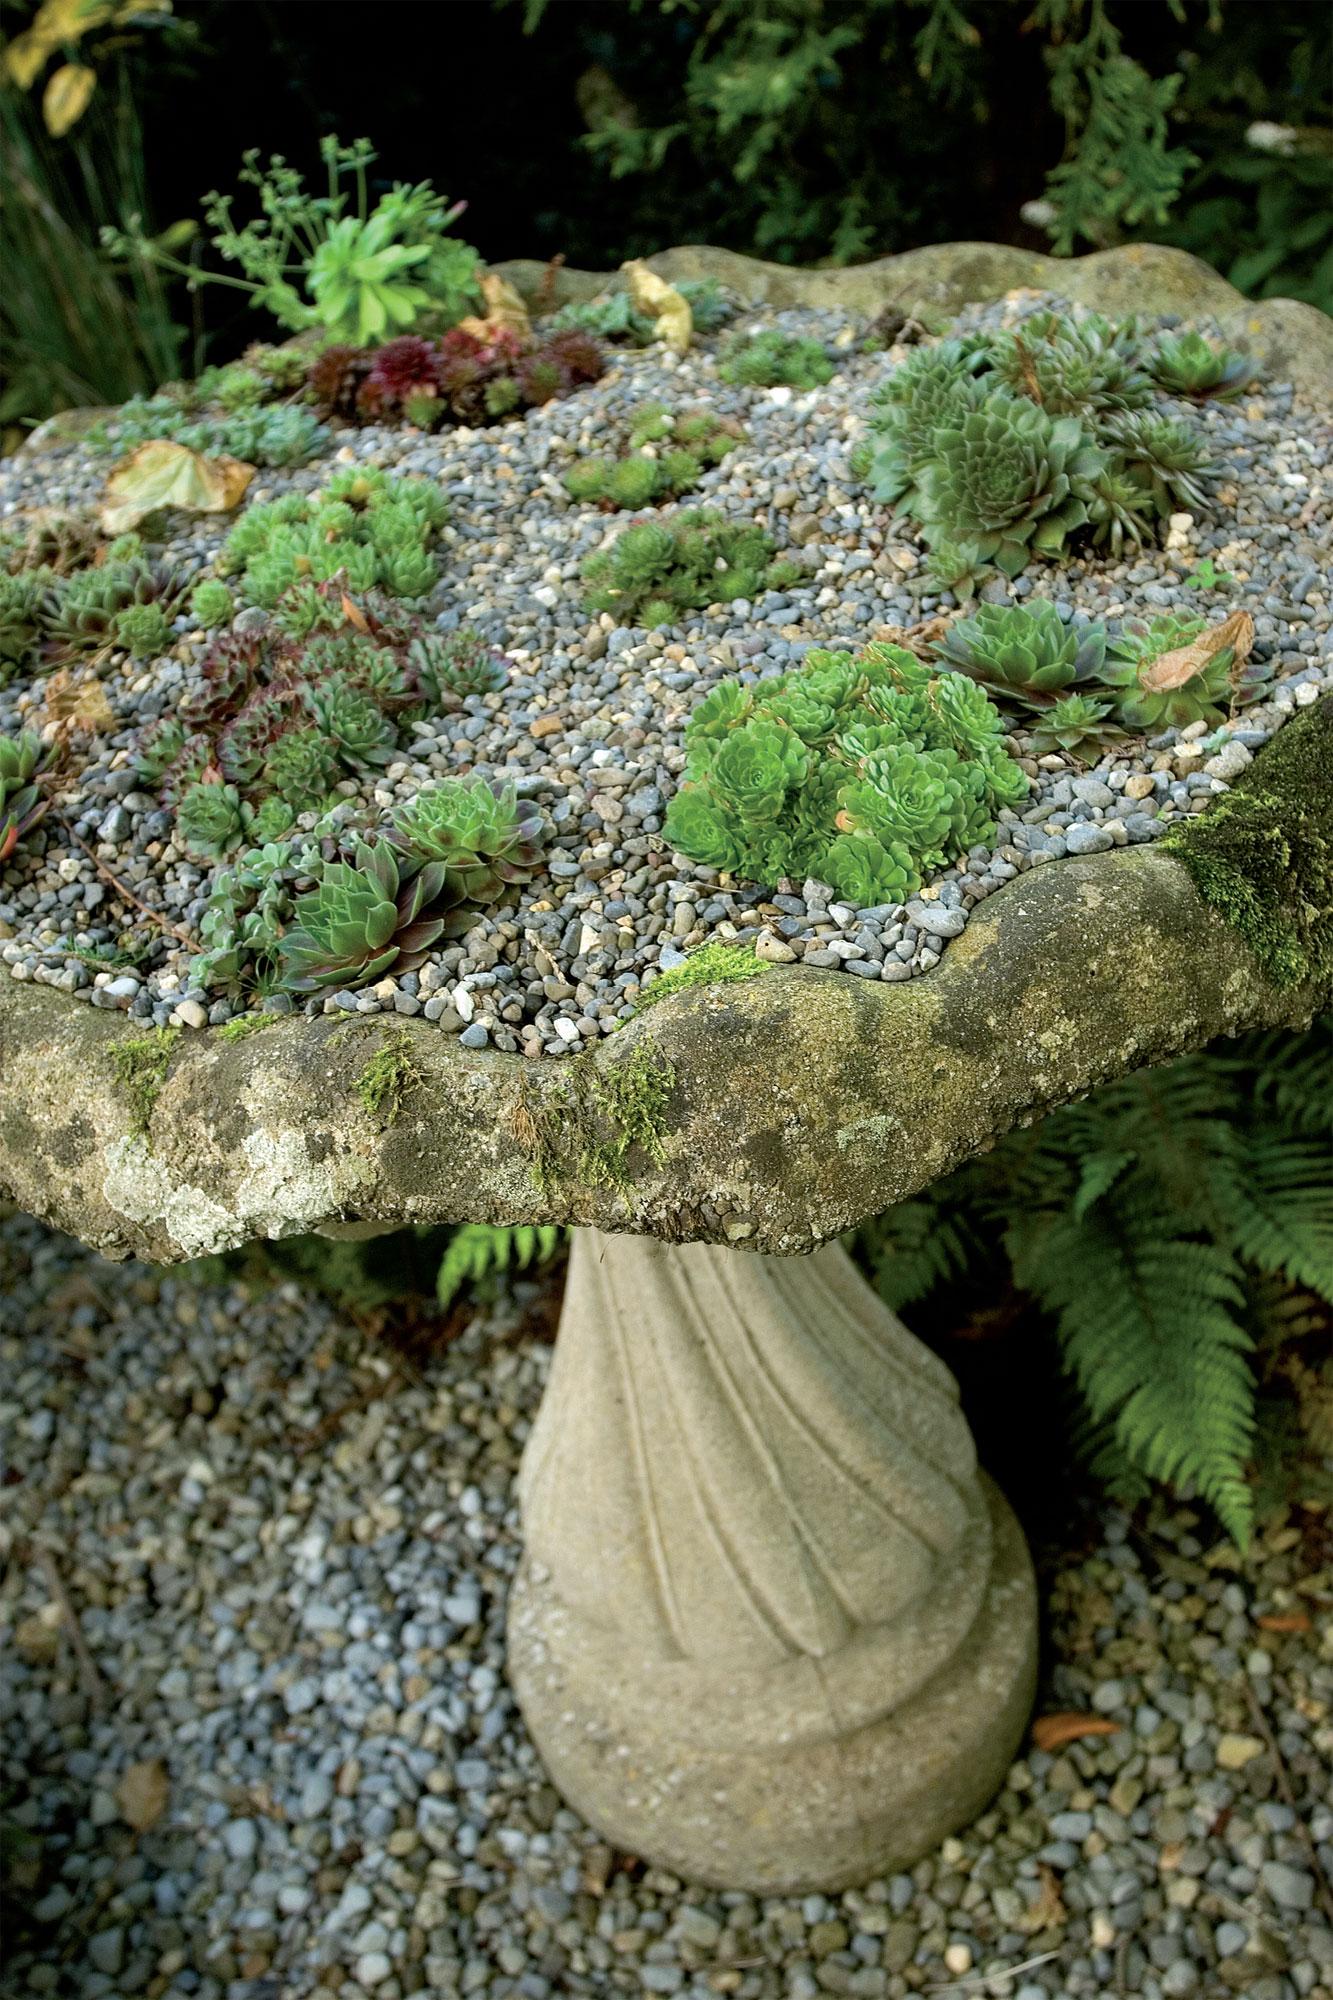 Miniatyyrikivikko erilaisine mehitähtineen (Sempervivum) on perustettu jalallisen kivikaukalon päälle. Nämä suloiset kivikkokasvit viihtyvät, kun kasvualustassa on runsaasti hiekkaa ja soraa. Sora sopii myös katteeksi kasvien välille.